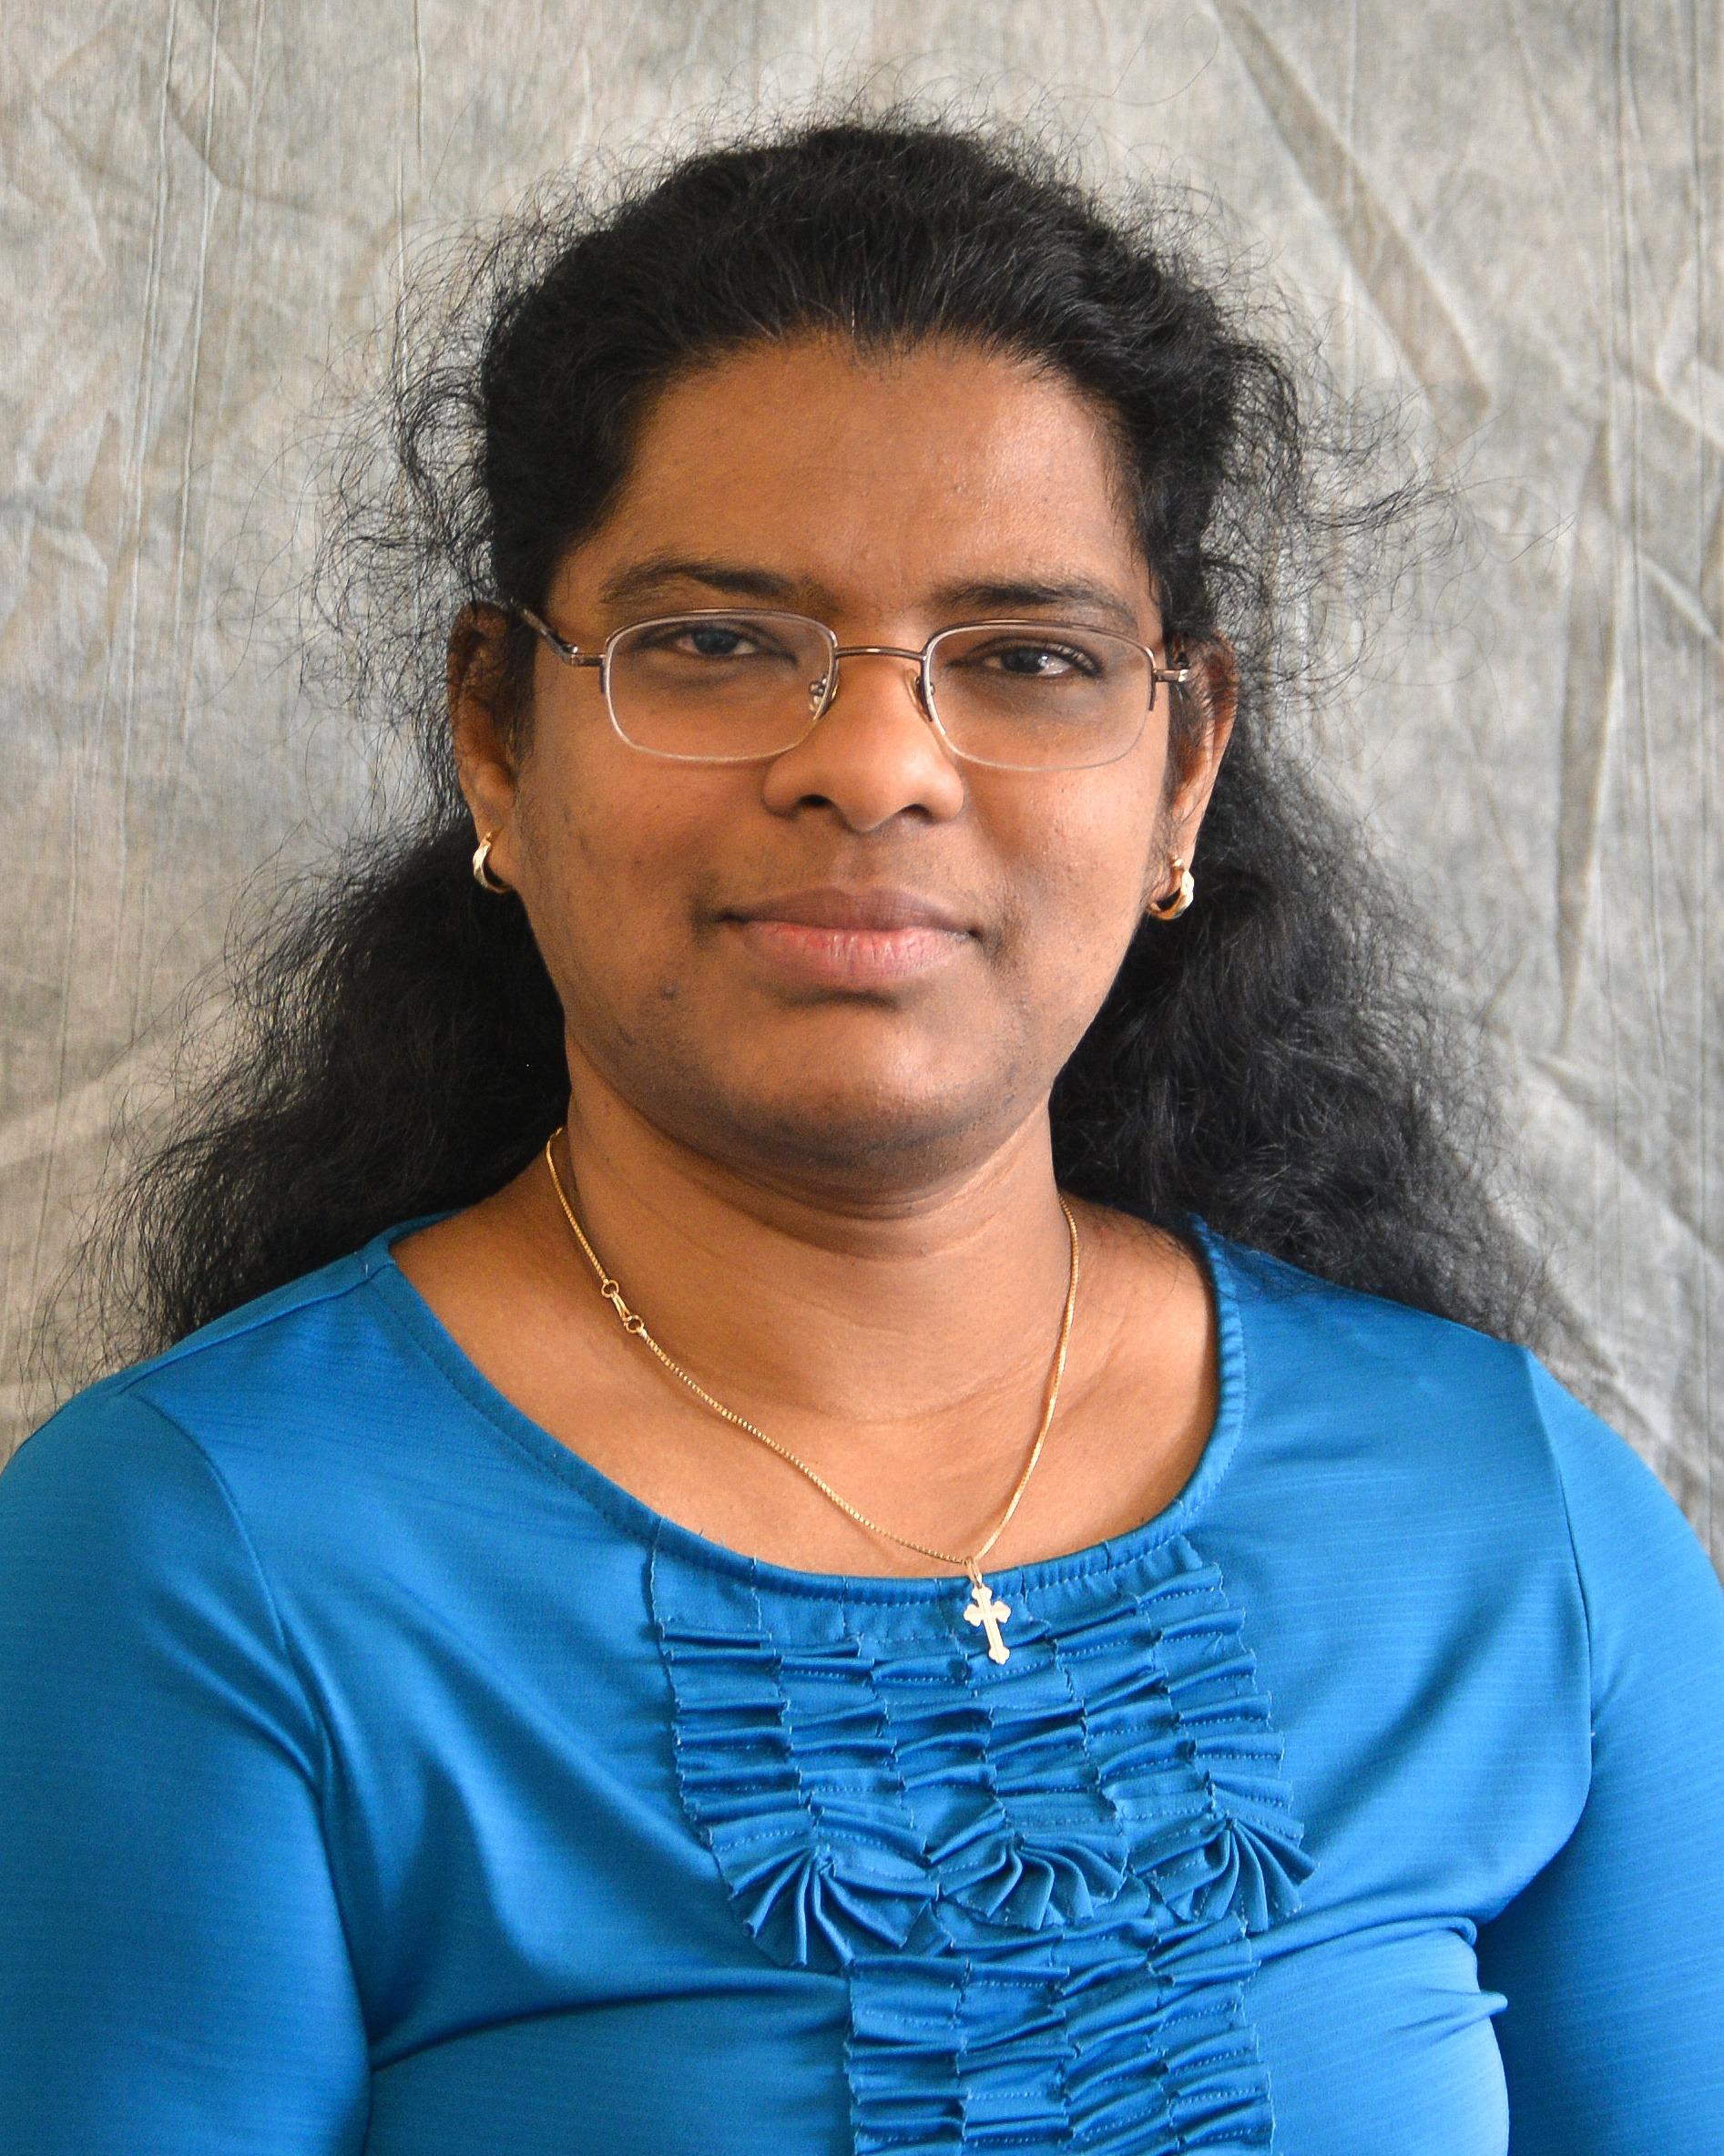 Sobha Priyadarshini Gorugantula